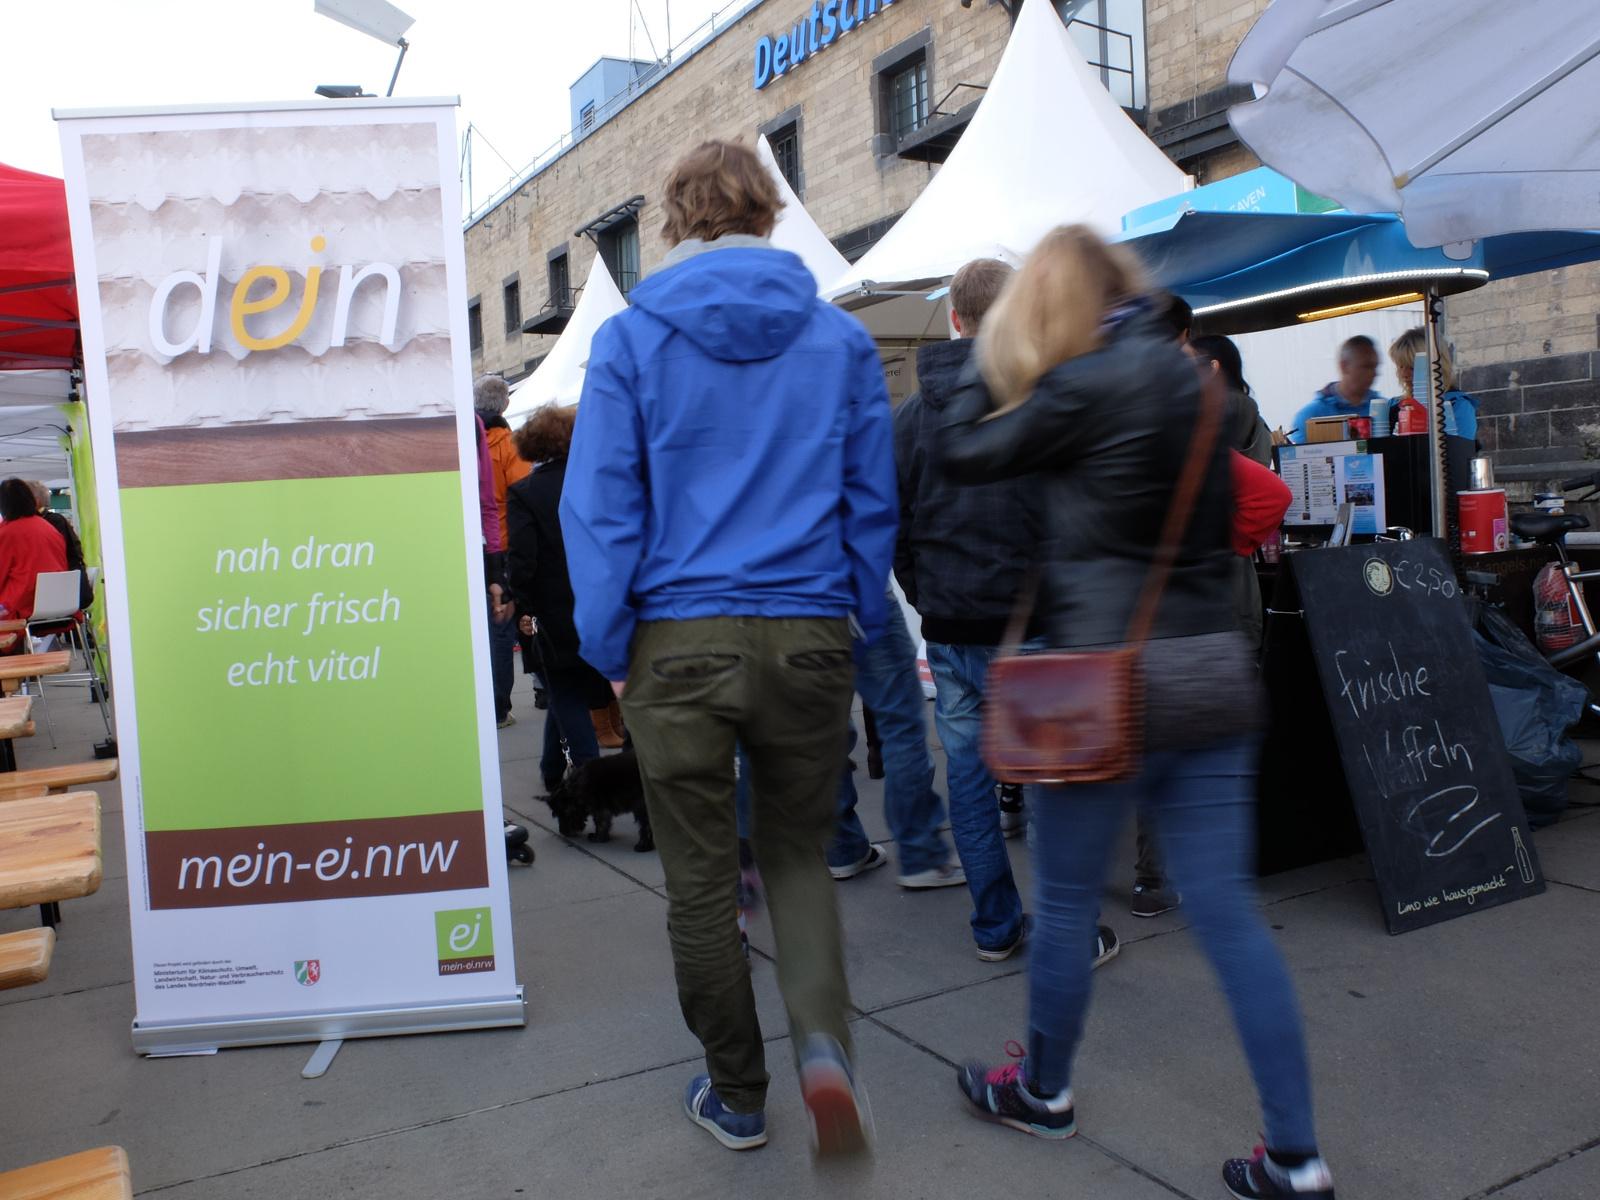 Foto: mein-ei.nrw auf dem Festival der Genüsse Köln